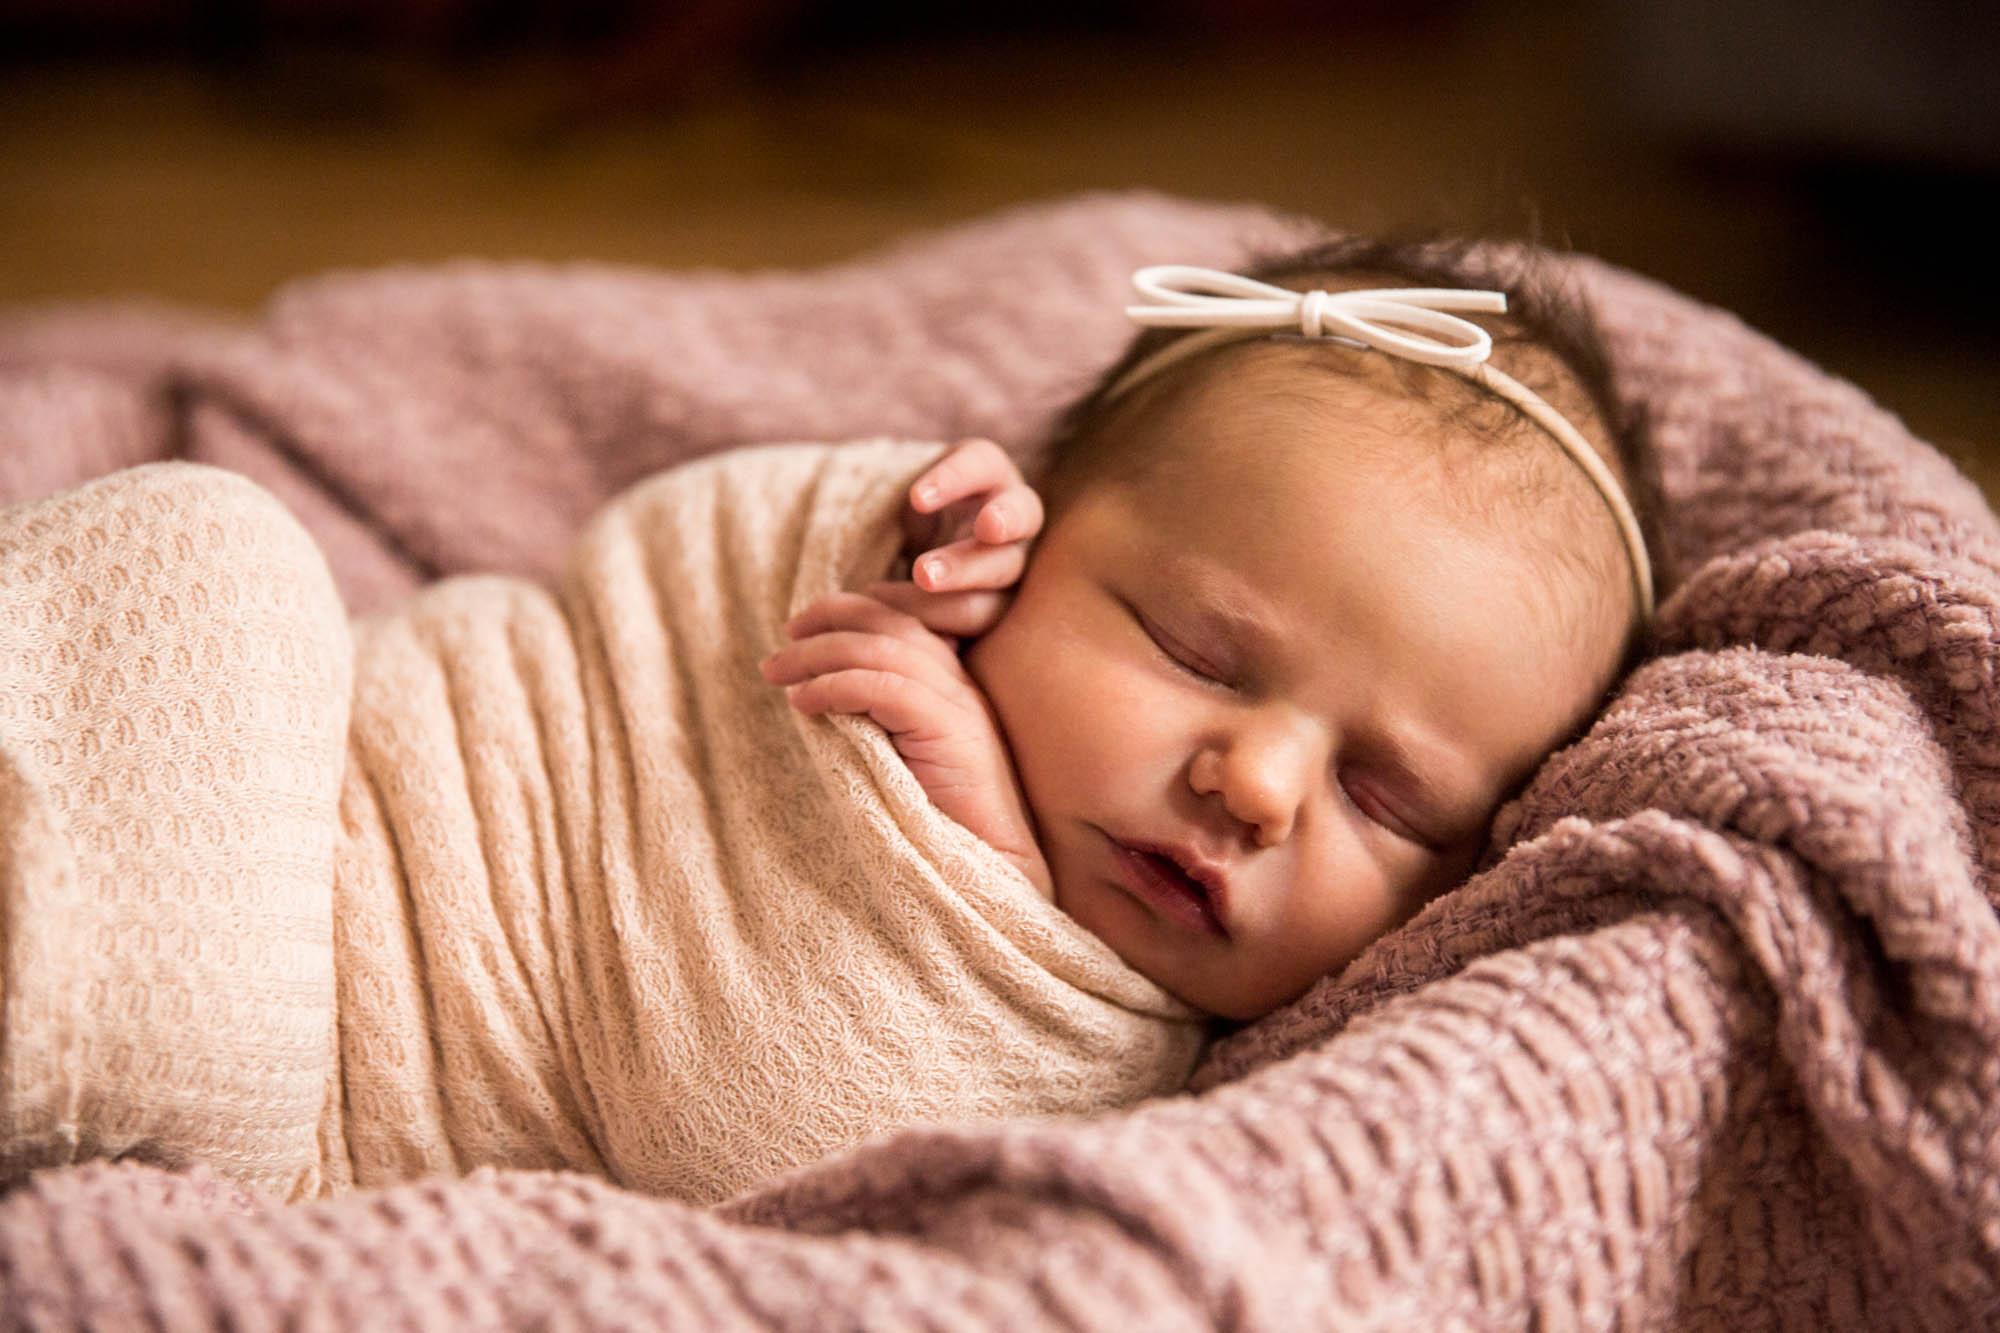 Calgary newborn photographer - family newborn photography